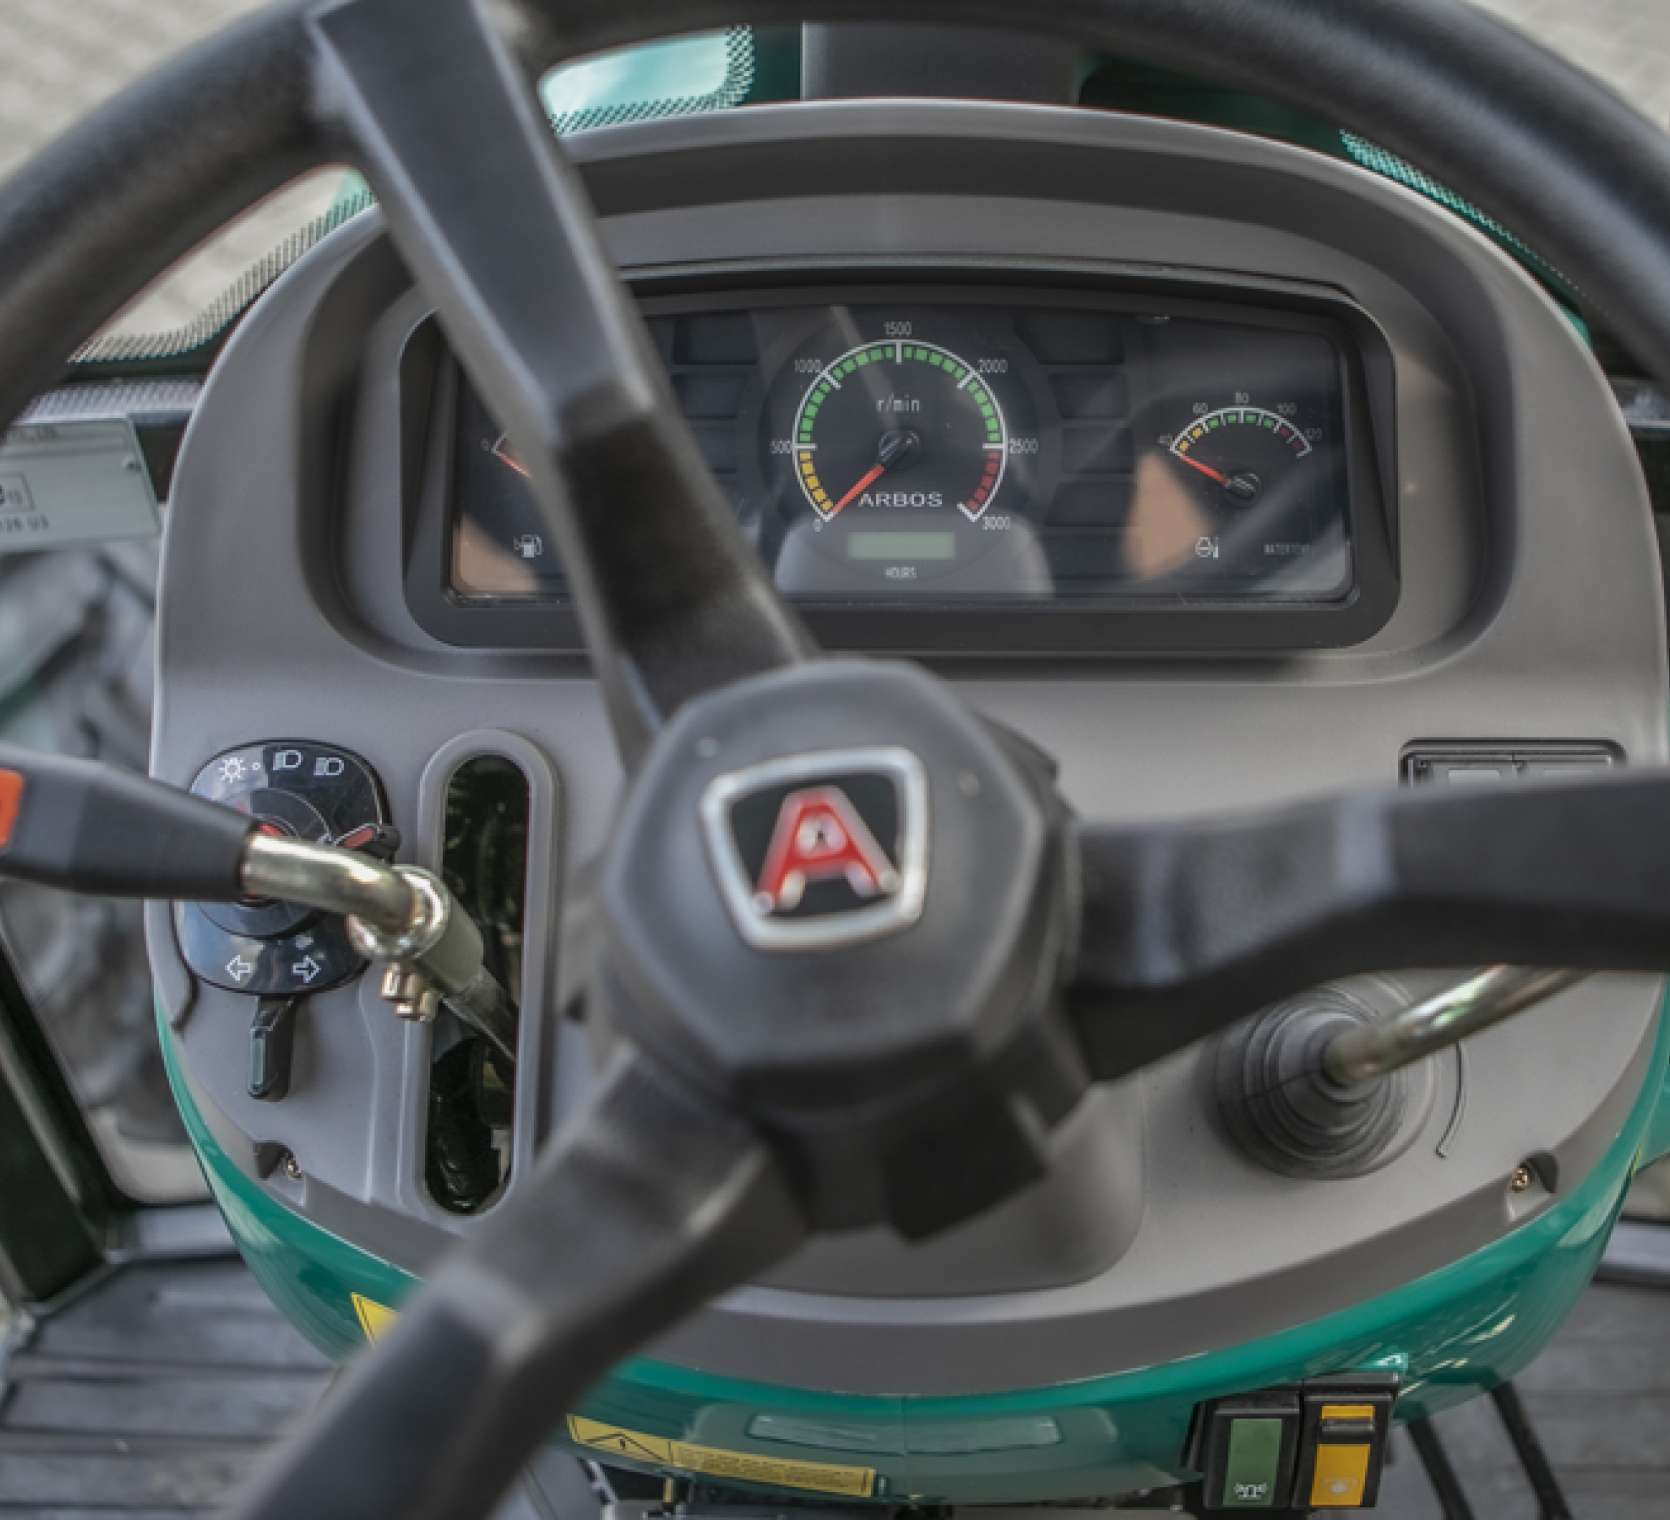 kierownica w arbos 2025 traktor